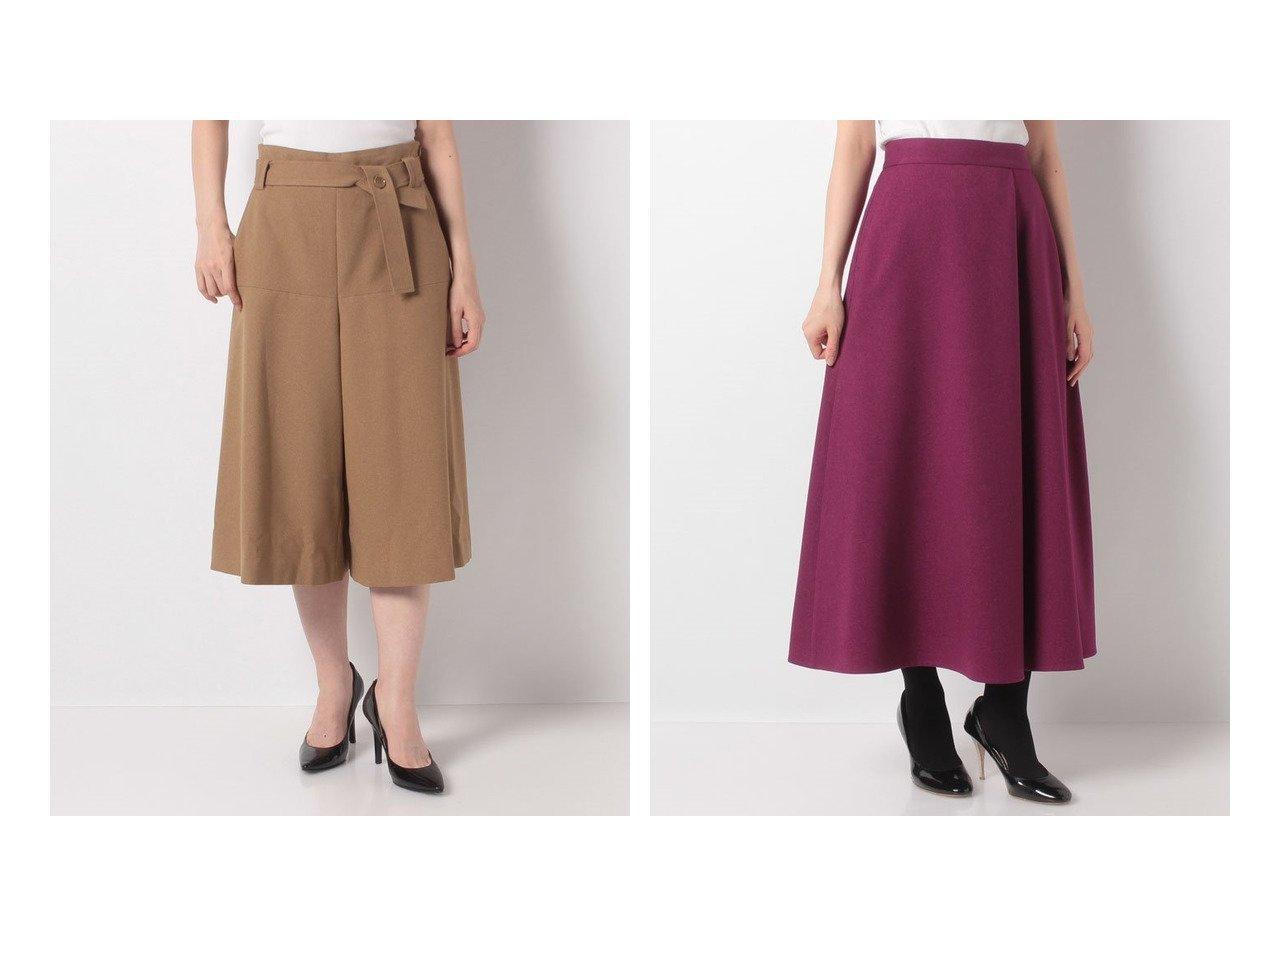 【allureville/アルアバイル】のウォームジョゼットAラインキュロット&ウールライクポリフレアスカート スカートのおすすめ!人気、レディースファッションの通販 おすすめで人気のファッション通販商品 インテリア・家具・キッズファッション・メンズファッション・レディースファッション・服の通販 founy(ファニー) https://founy.com/ ファッション Fashion レディース WOMEN スカート Skirt Aライン/フレアスカート Flared A-Line Skirts キュロット ジョーゼット トレンド ギャザー フレア フロント レース  ID:crp329100000003162